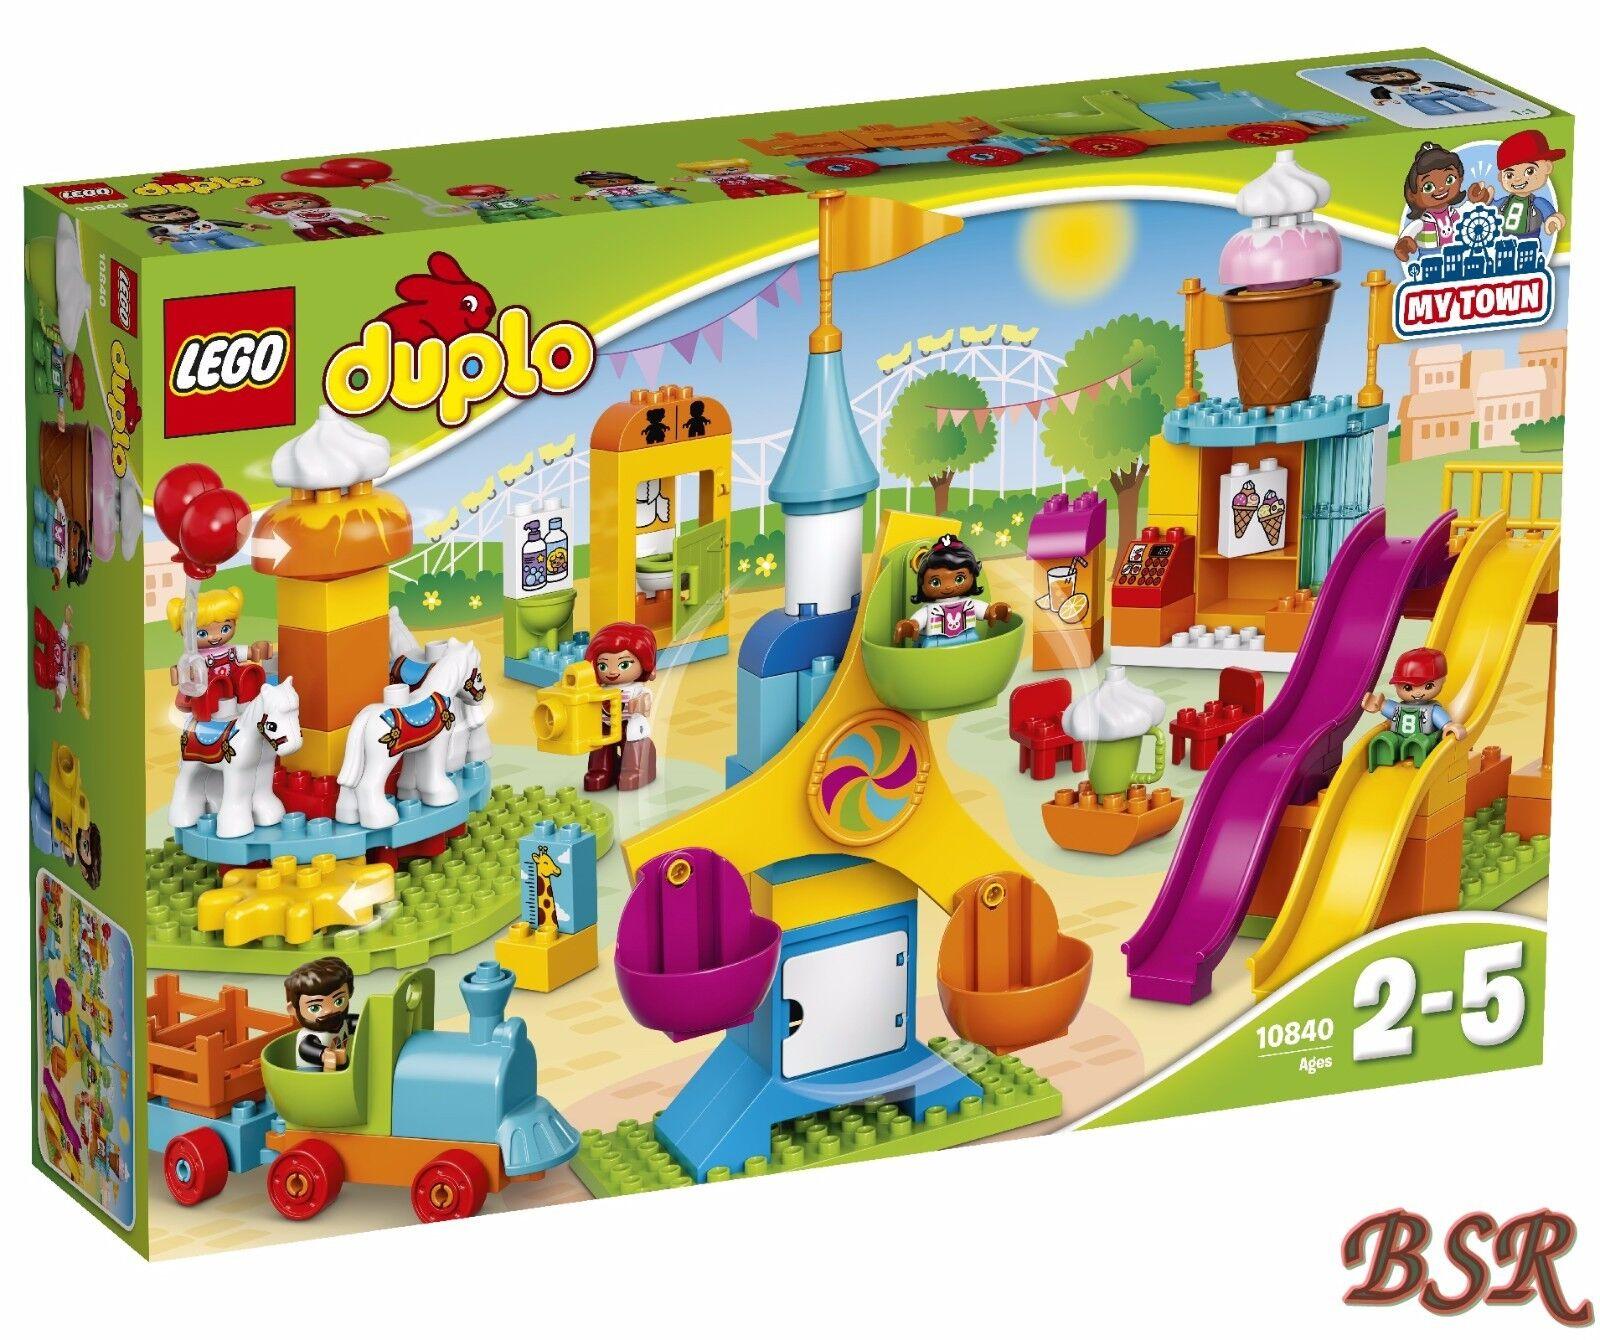 LEGO ® DUPLO ®  10840 Grand Fête Foraine & 0. - expédition & neuf dans sa boîte & NOUVEAU